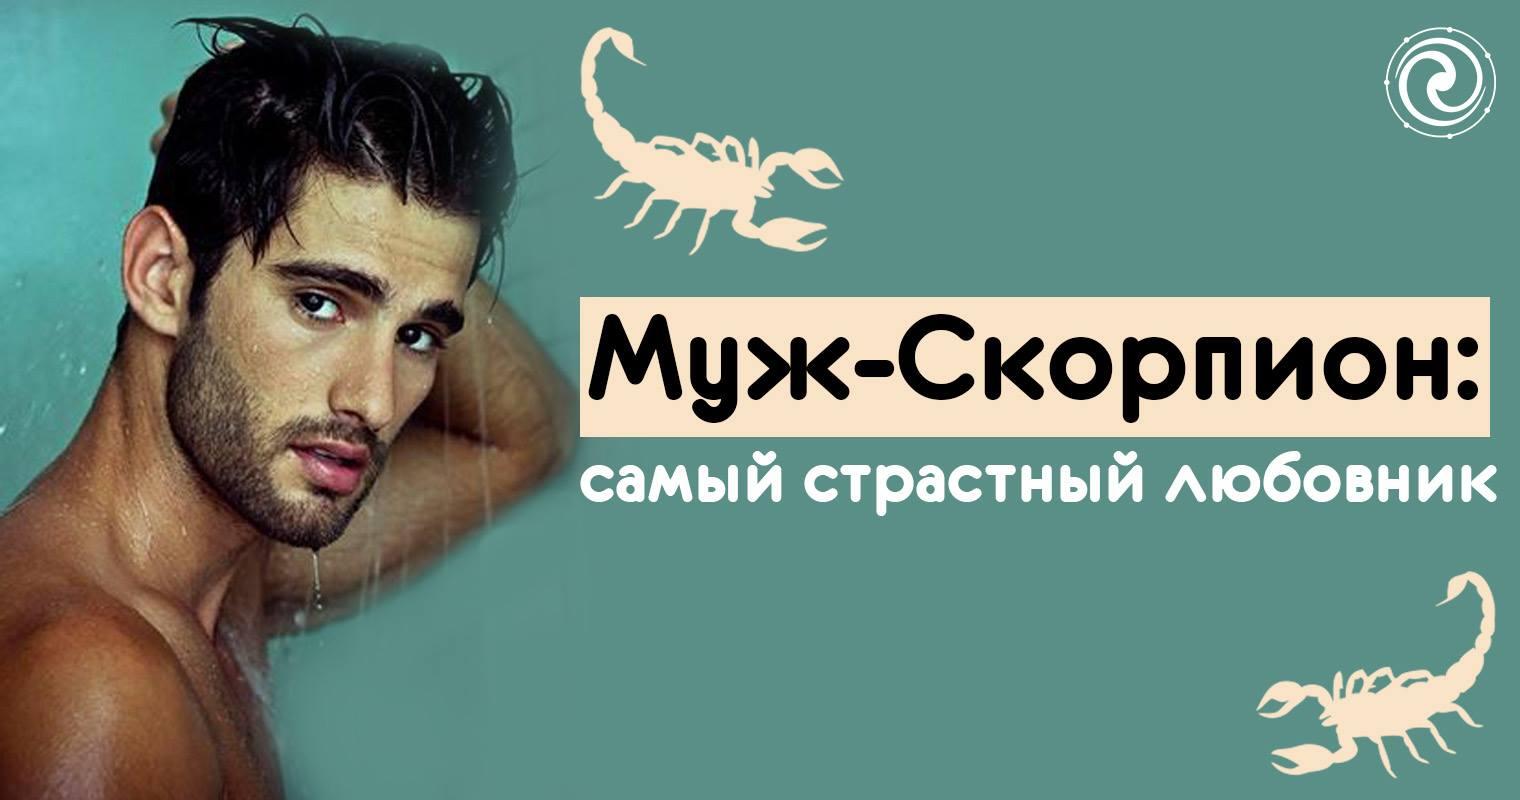 Скорпион самый сексальный знак